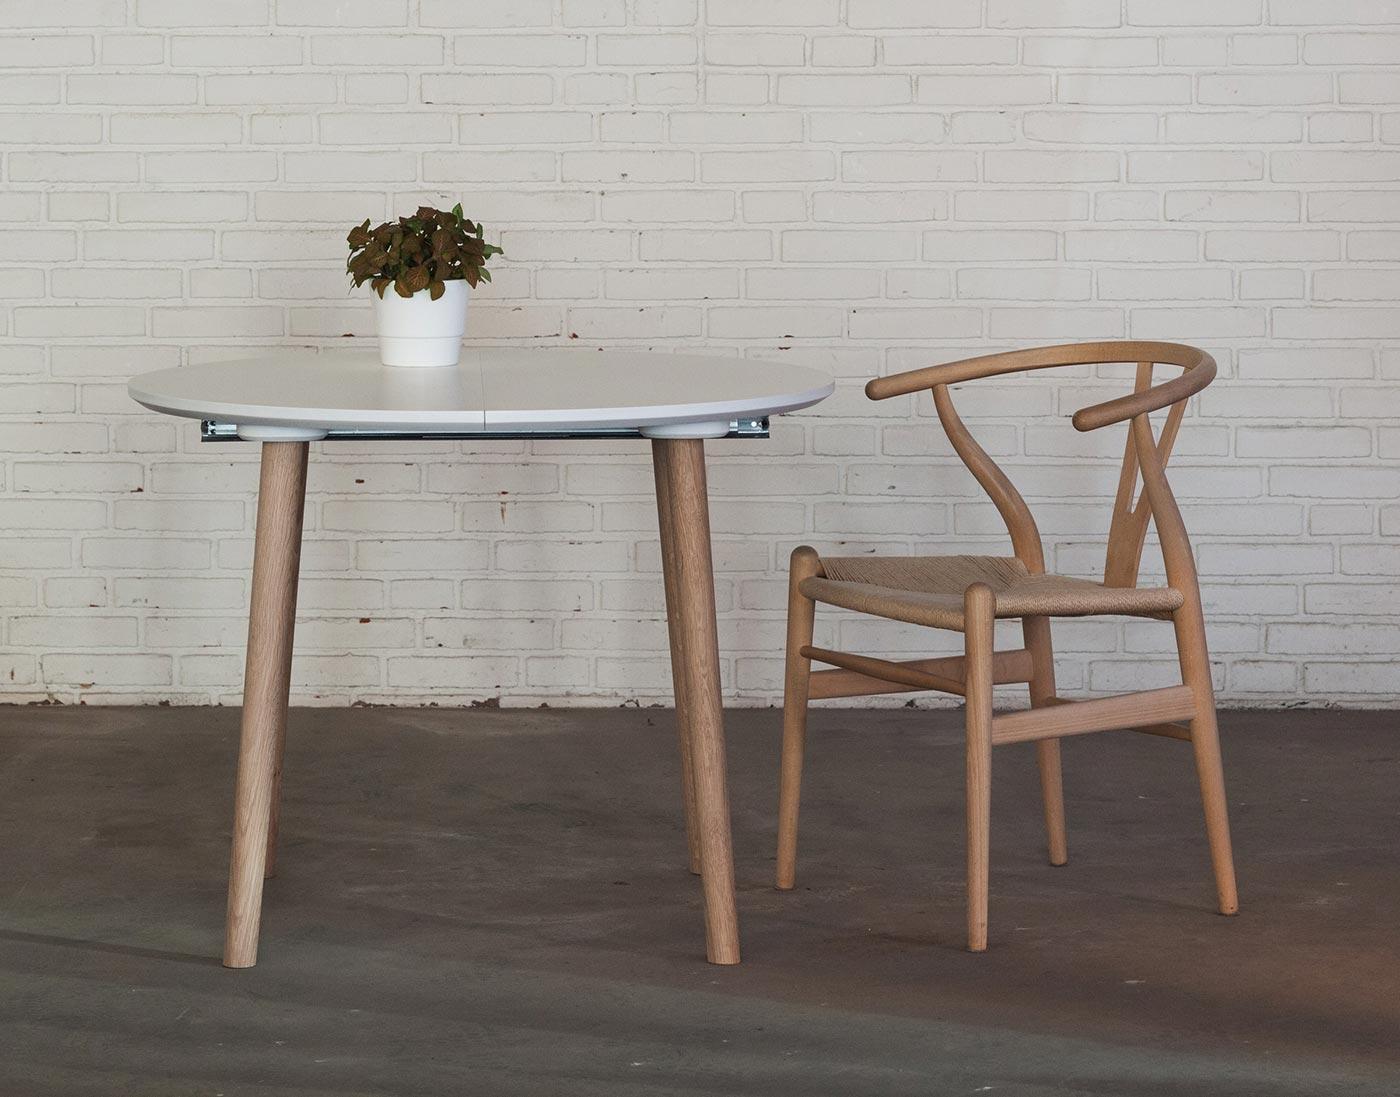 Produktbillede - Rundt spisebord med udtræk